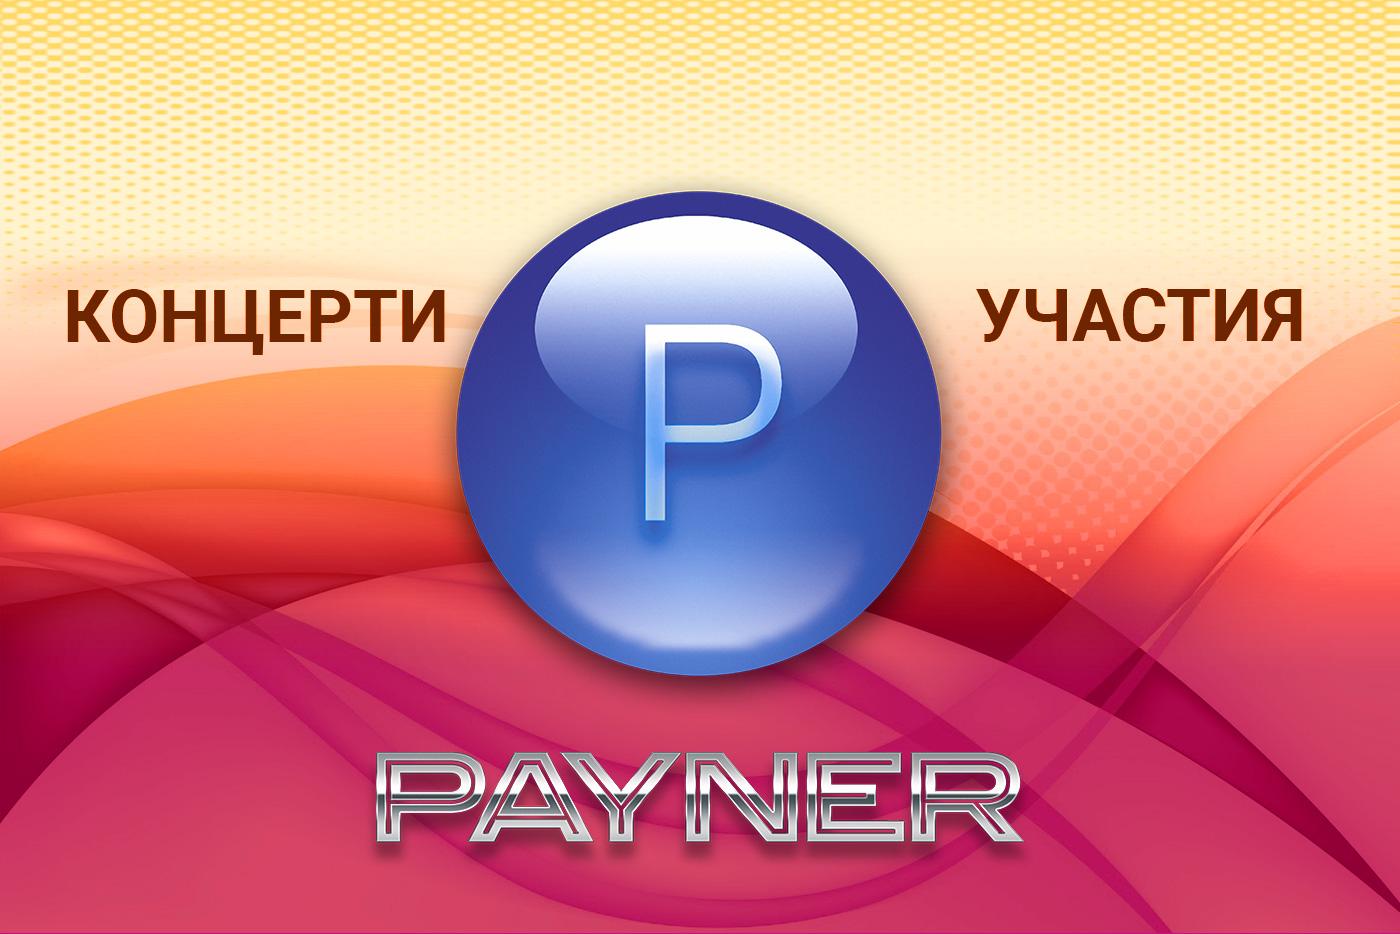 """Участия на звездите на """"Пайнер"""" на 23.02.2019"""